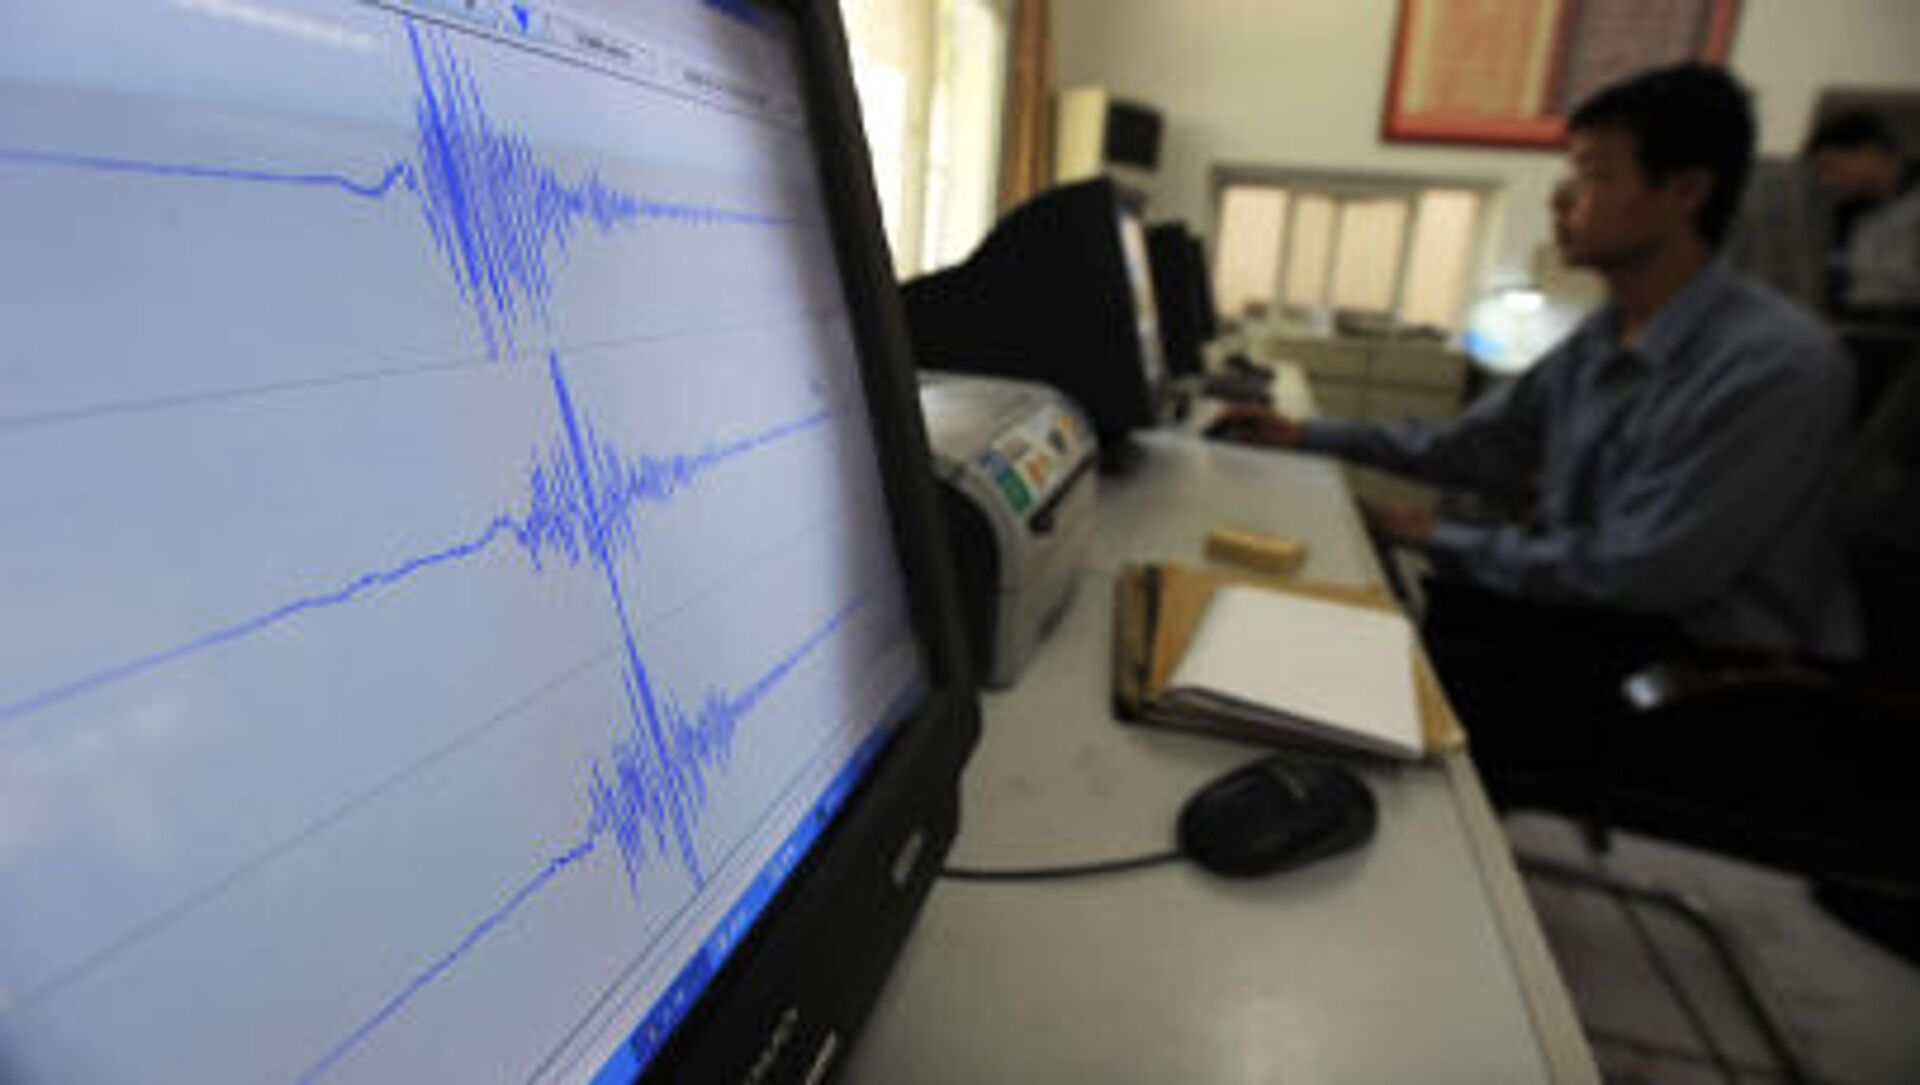 月に約210回の地震 日本で再び大きな地震は発生するのか? - Sputnik 日本, 1920, 14.04.2021